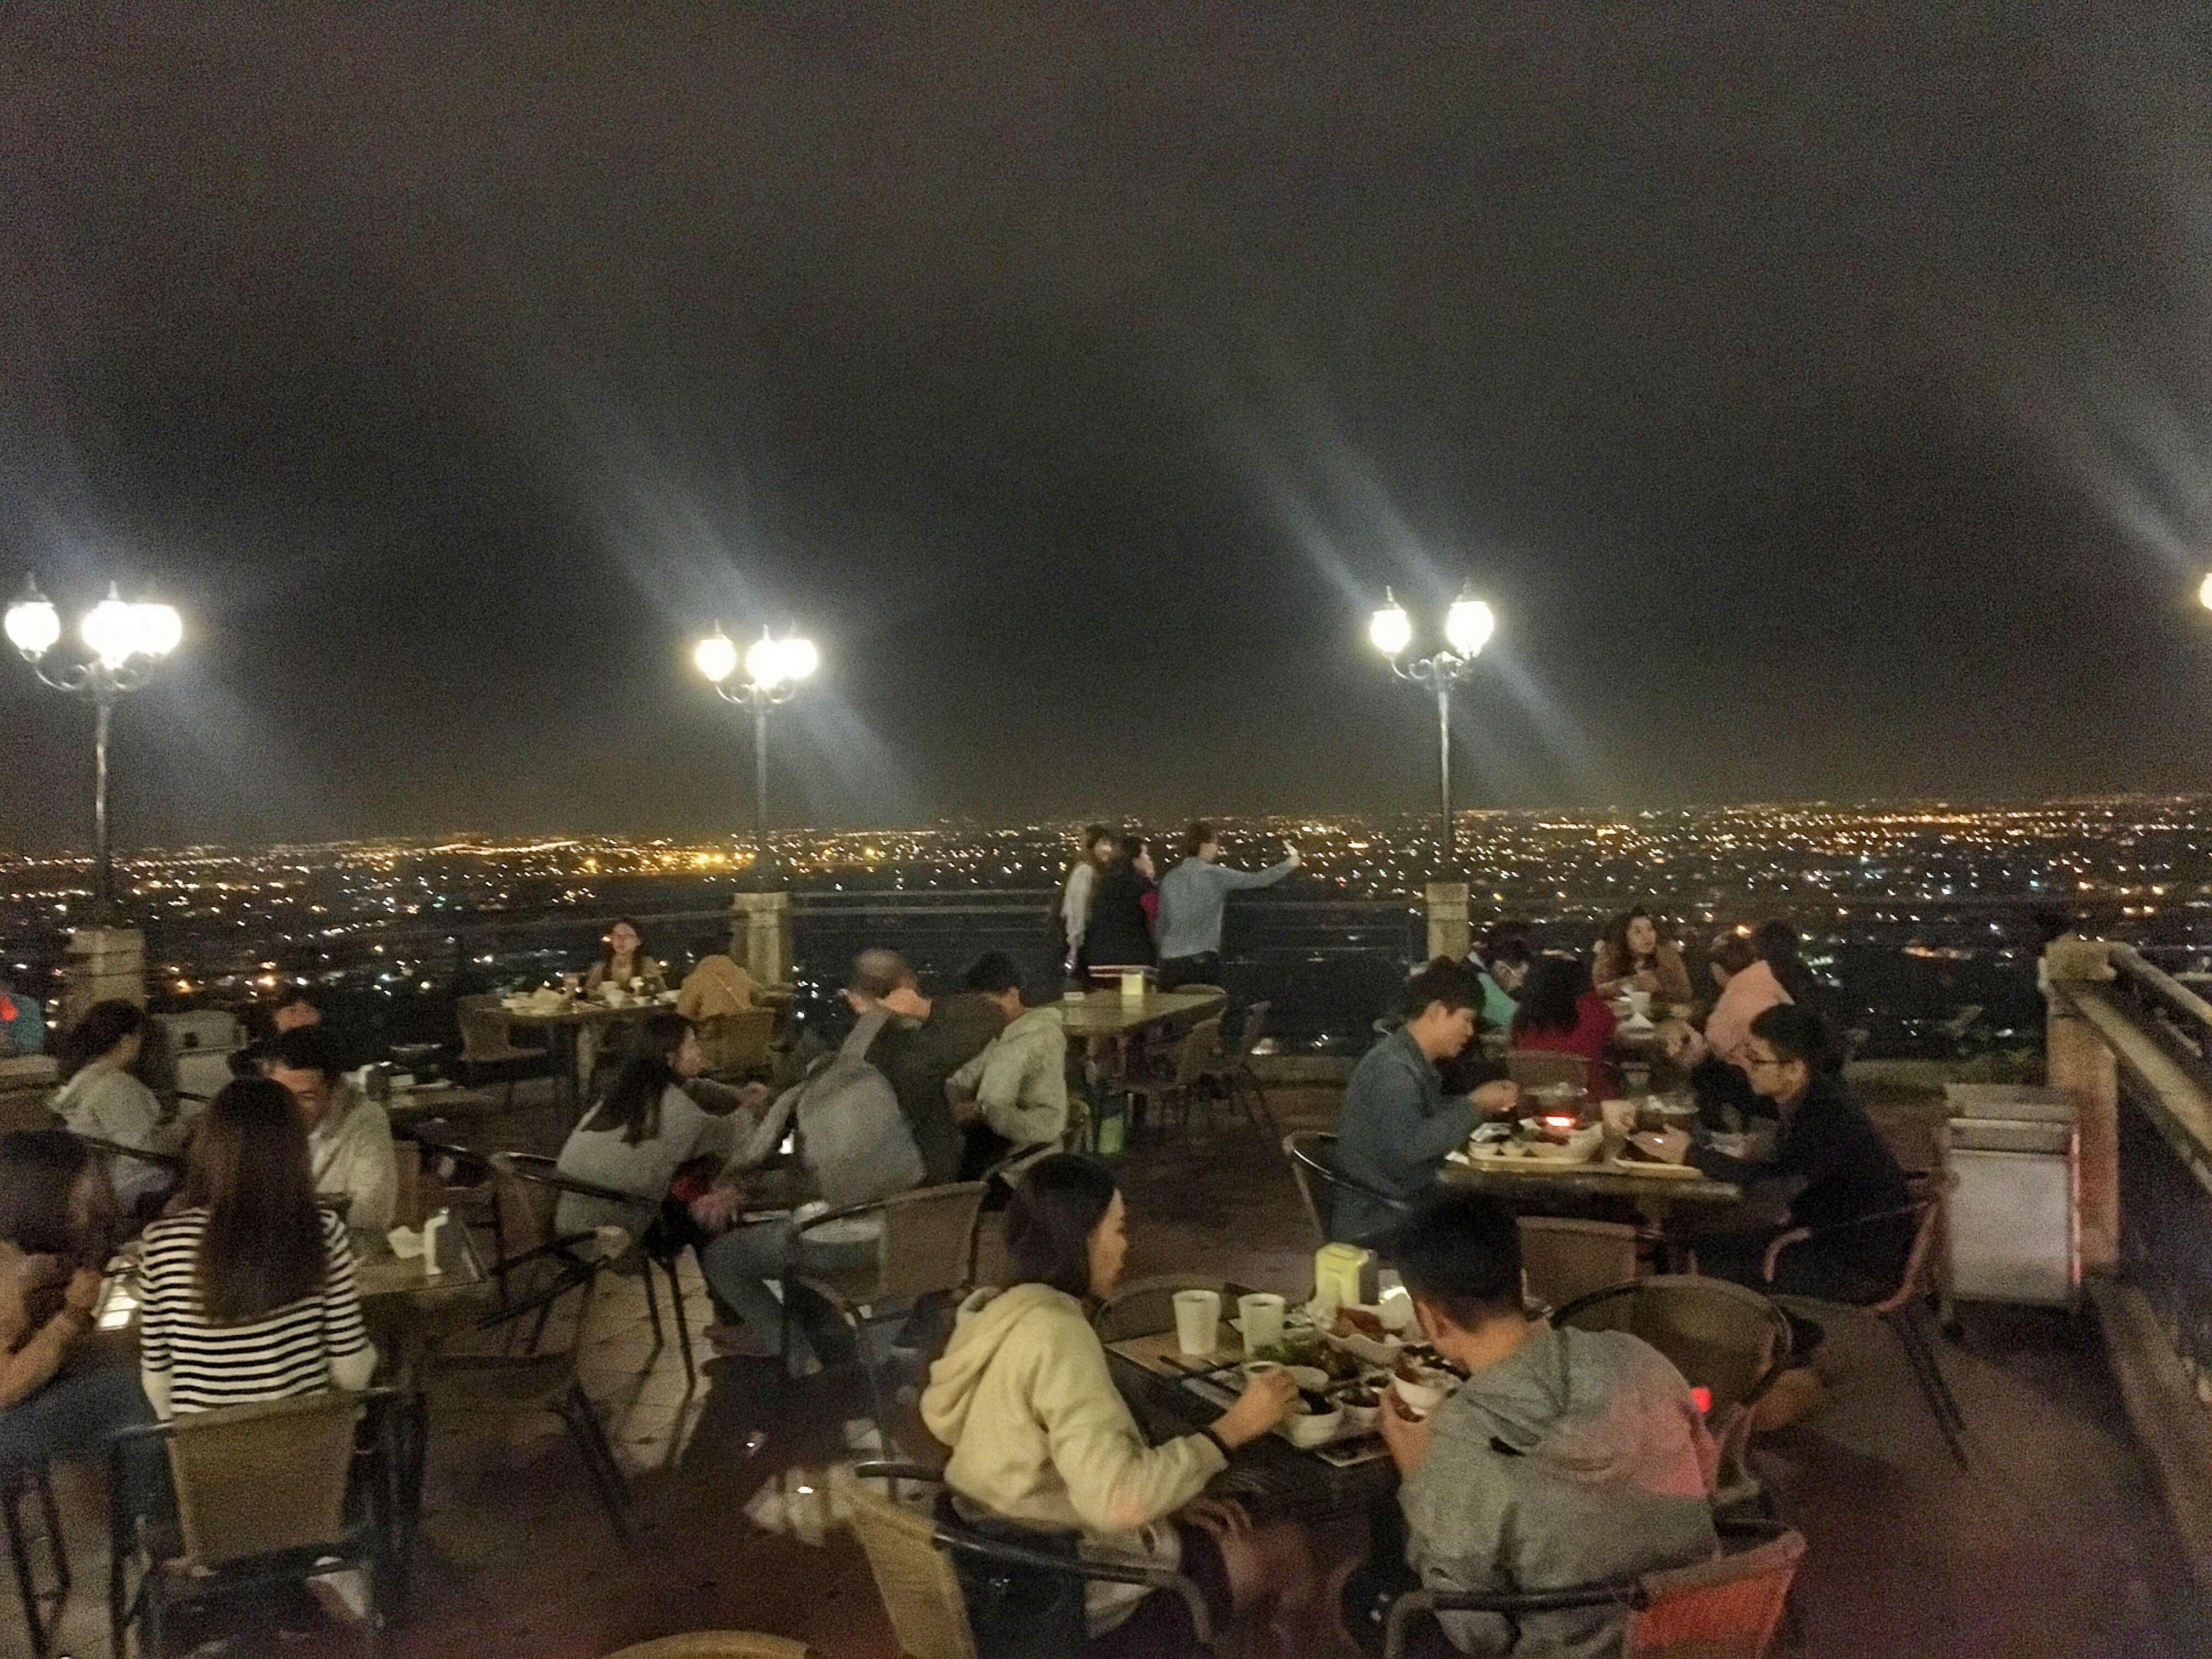 觀風聽月,阿蓮大崗山景觀餐廳,泡茶賞高雄最美夜景 高雄美食景點